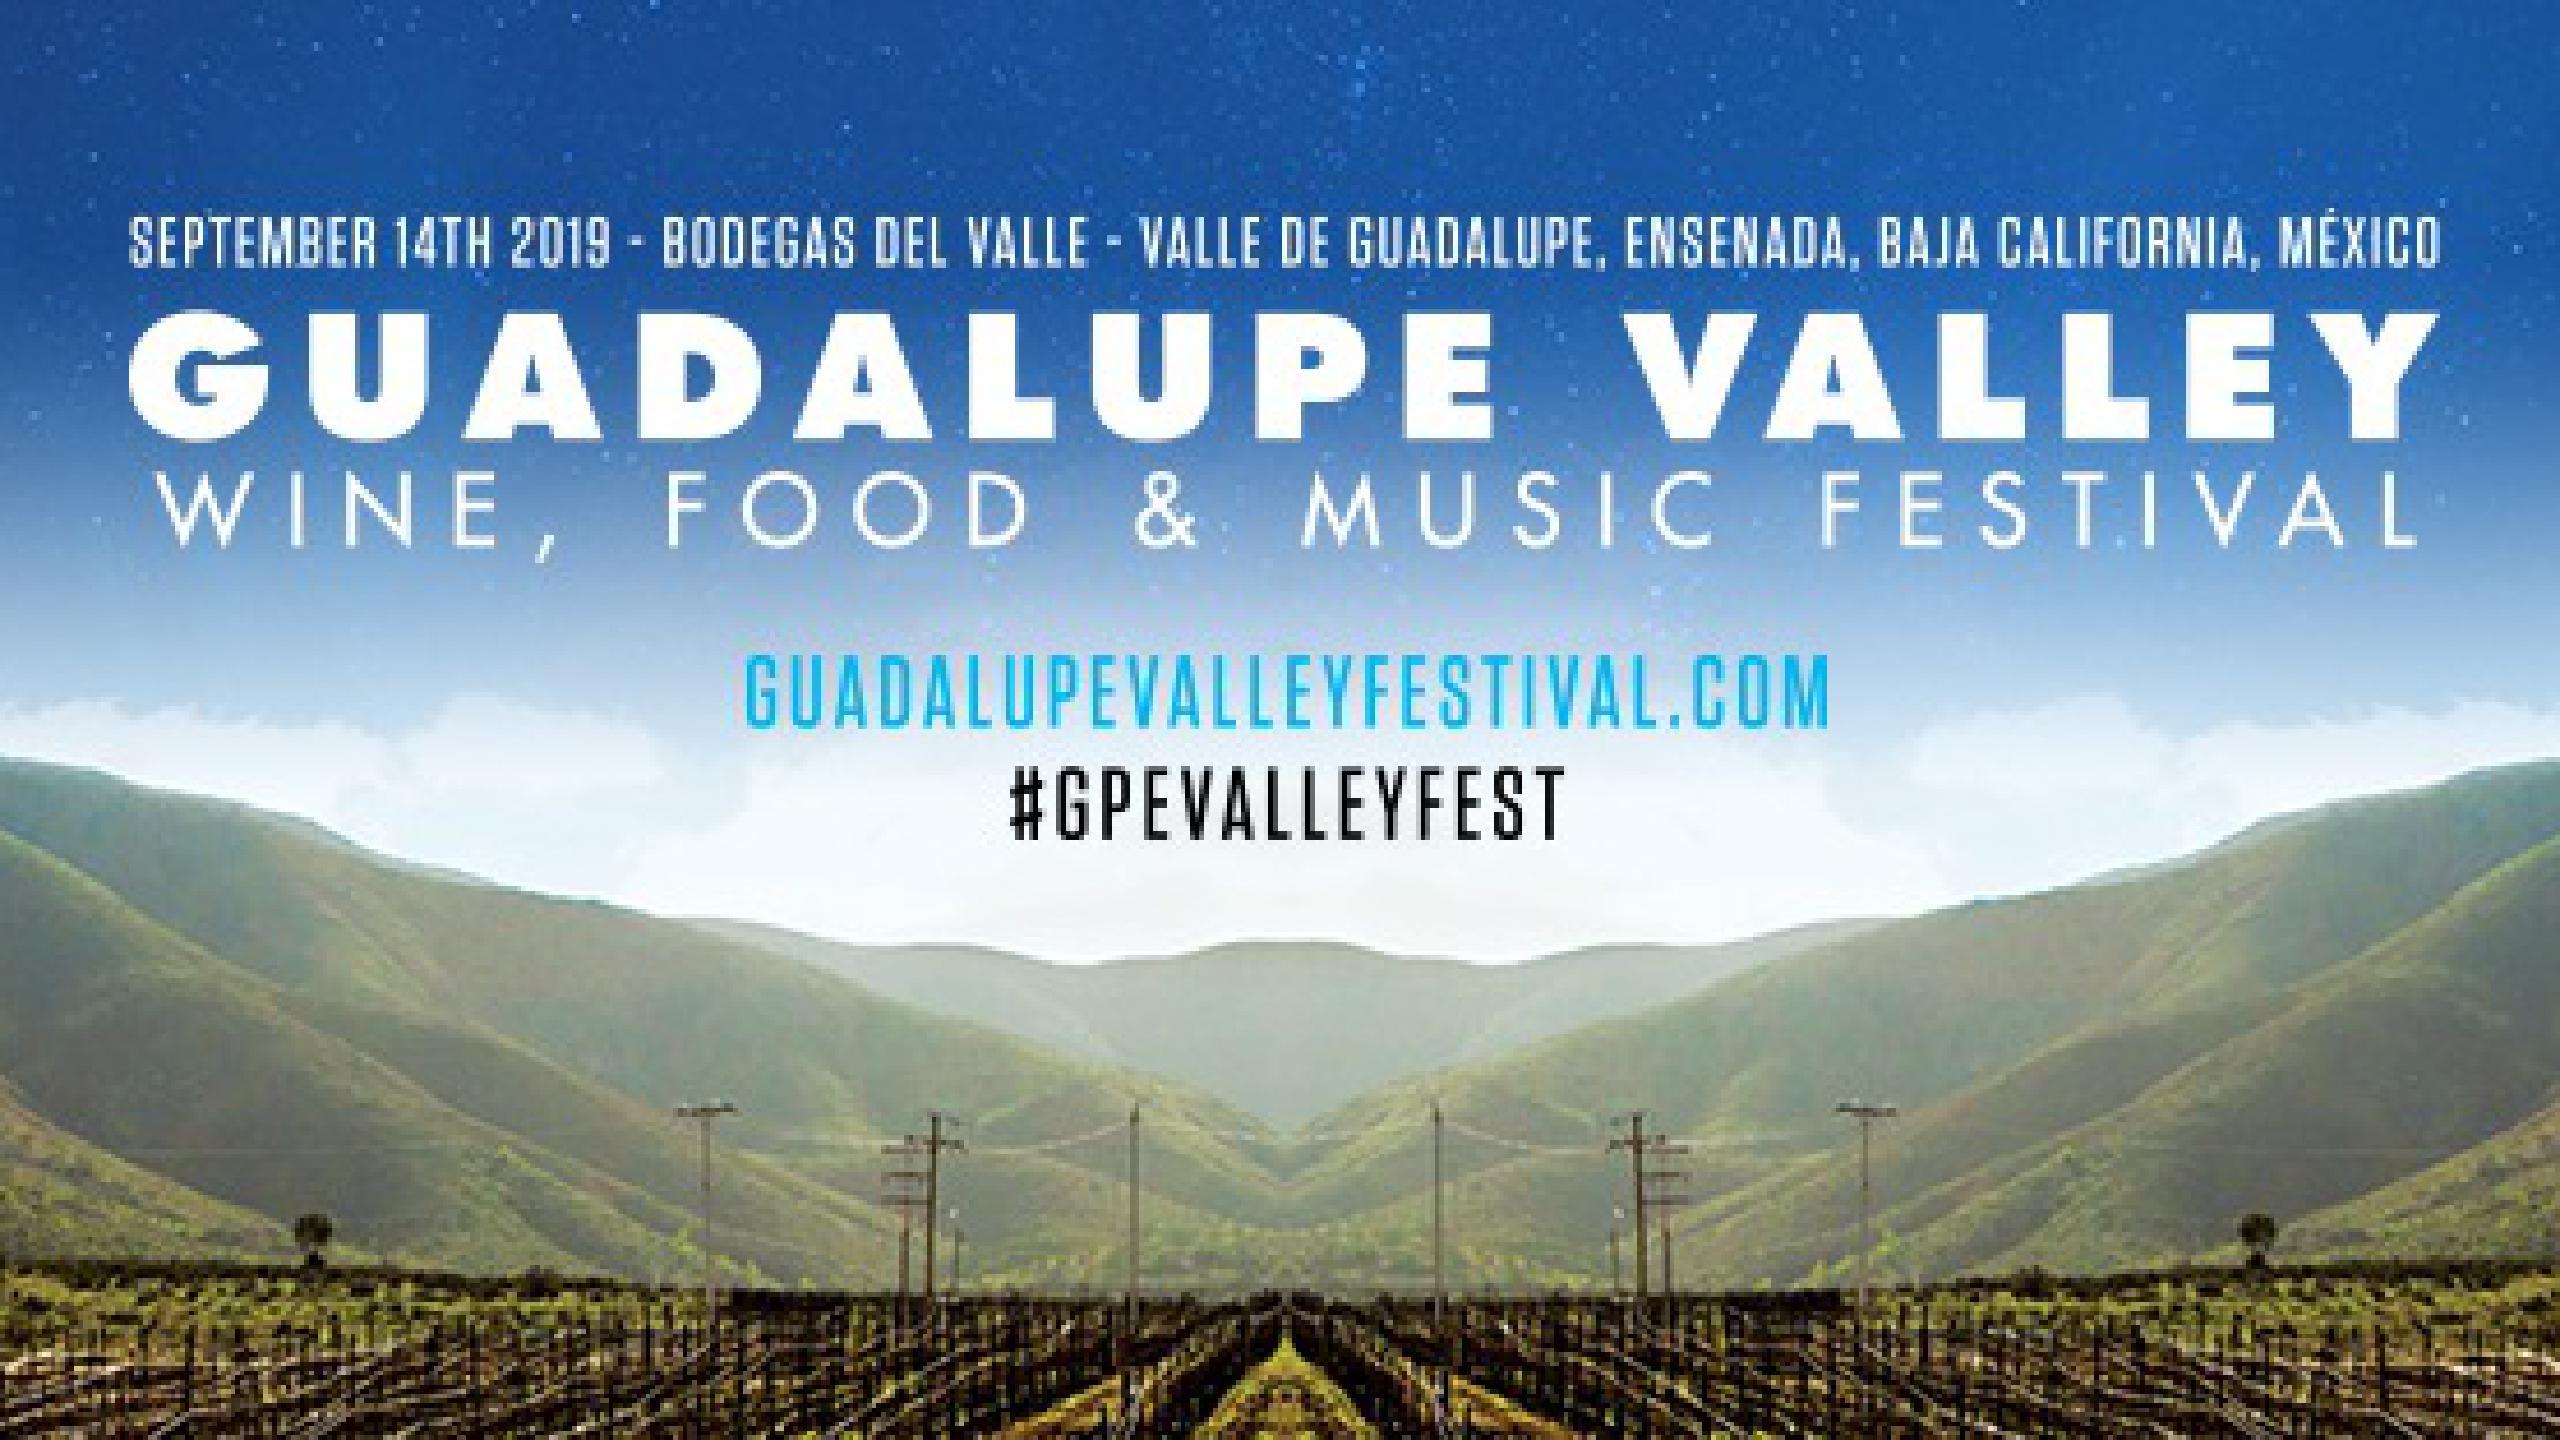 Resultado de imagen de guadalupe valley wine food music 2019